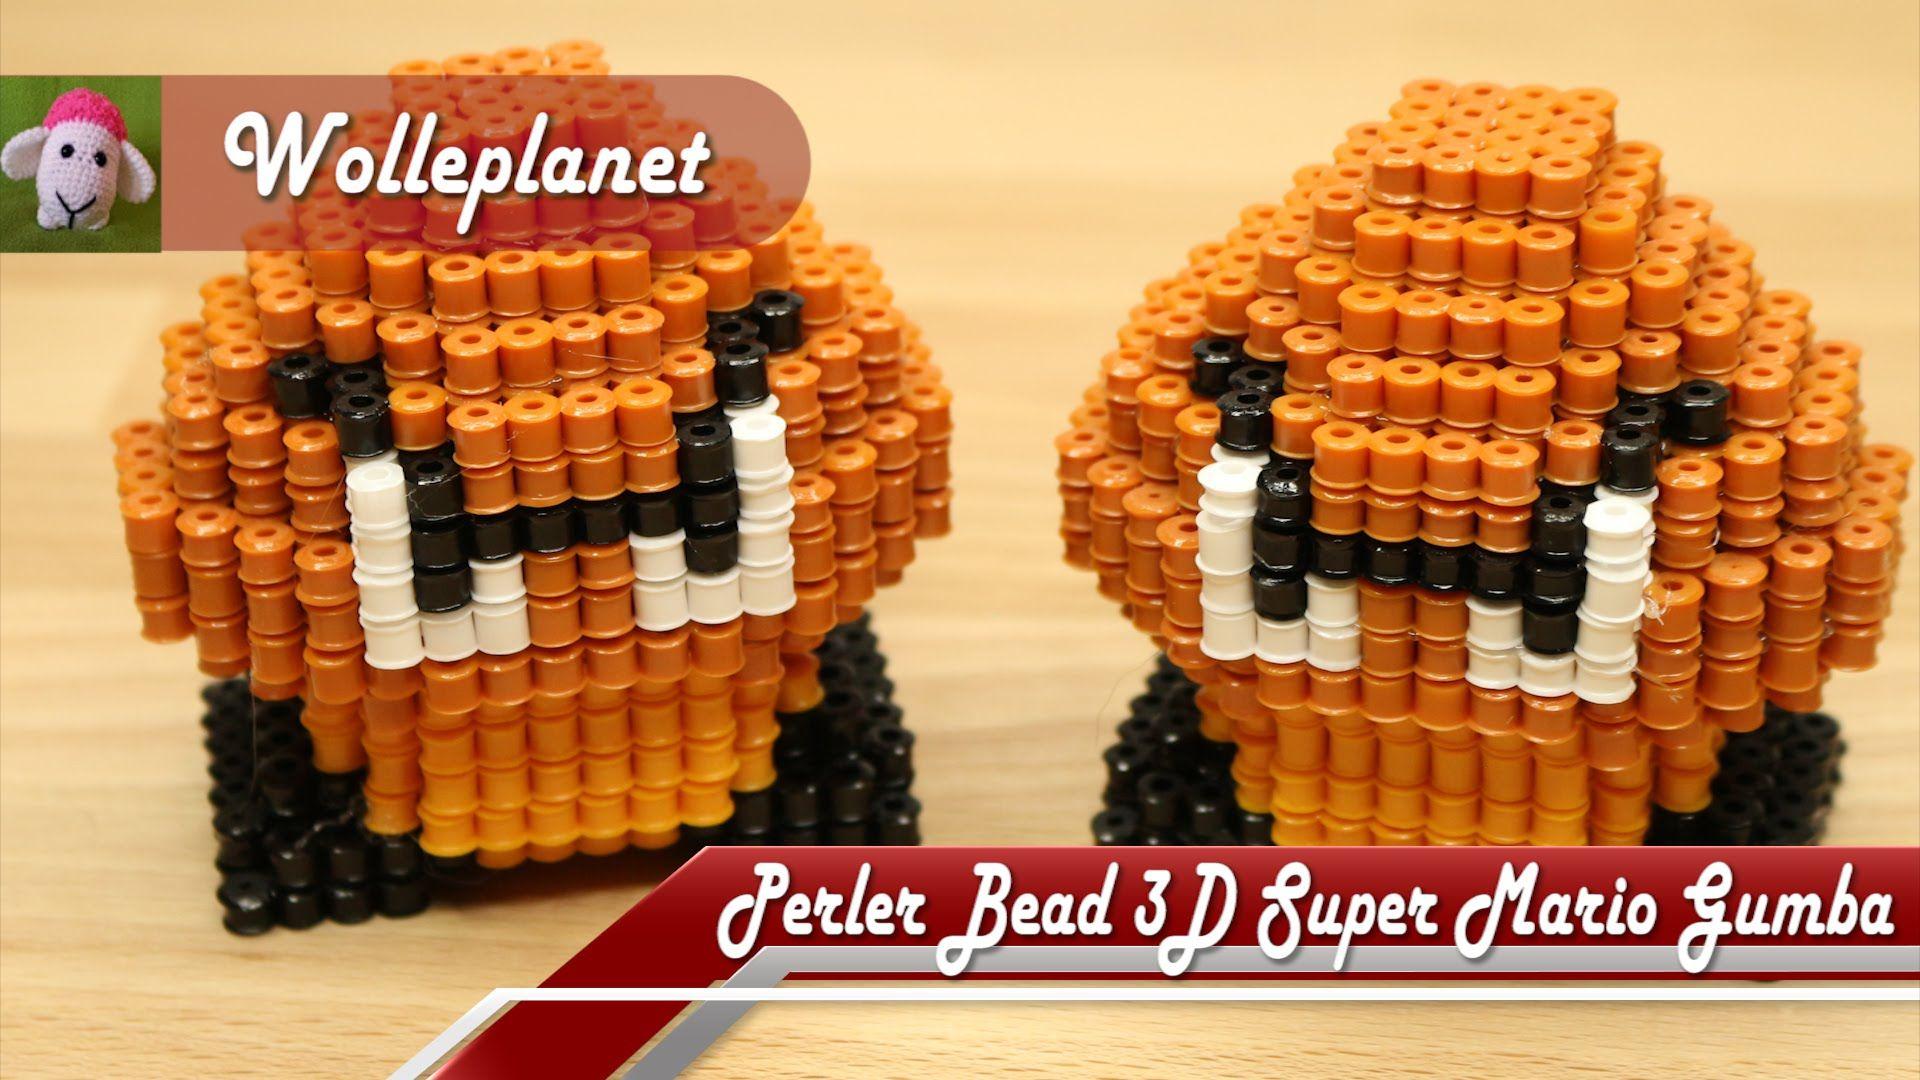 Perler Bead 3D Super Mario Gumba